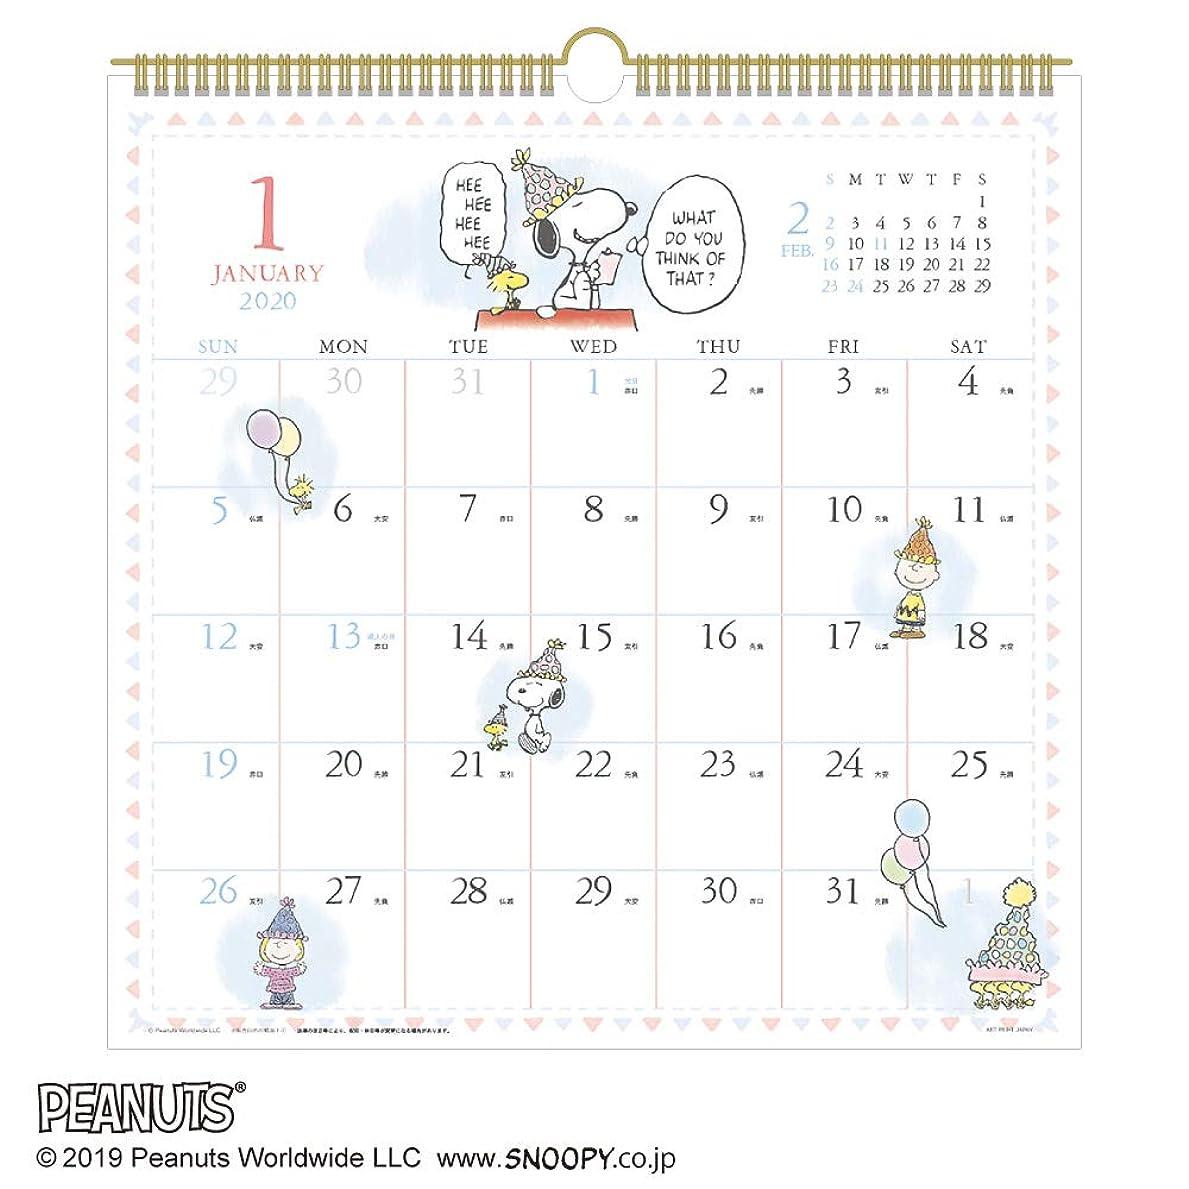 ディプロマあなたのものシャープアートプリントジャパン 2020年 水彩スケジュールカレンダー/PEANUTS(スヌーピー) vol.205 1000109413